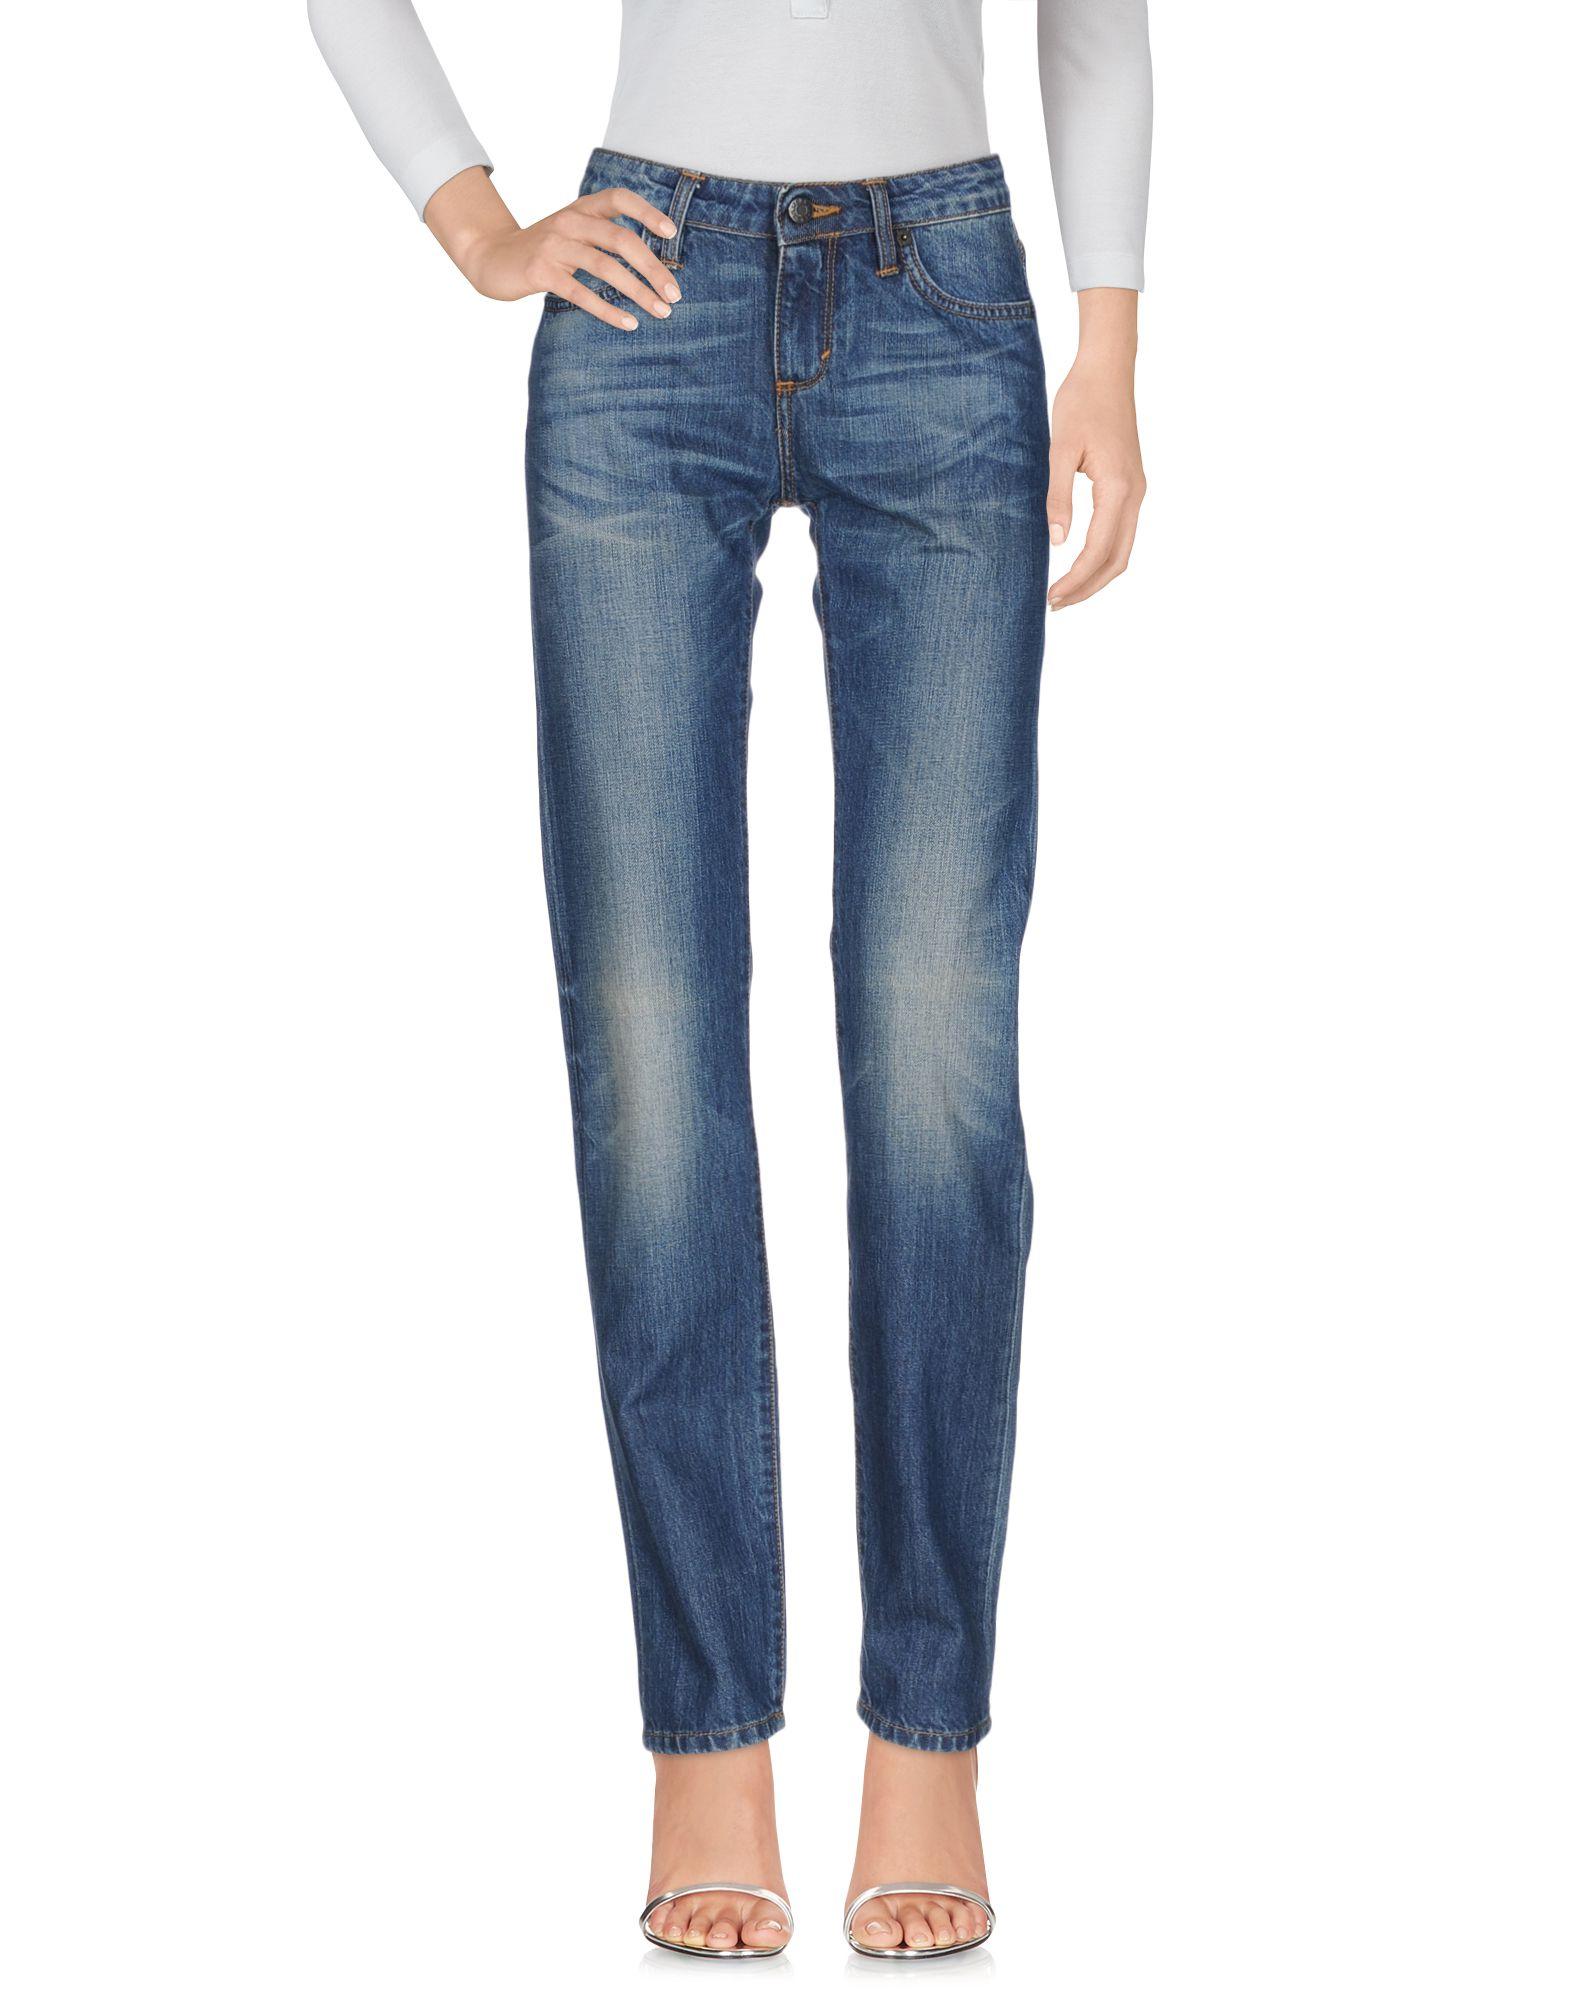 EDWIN Джинсовые брюки женские брюки лэйт светлый размер 50